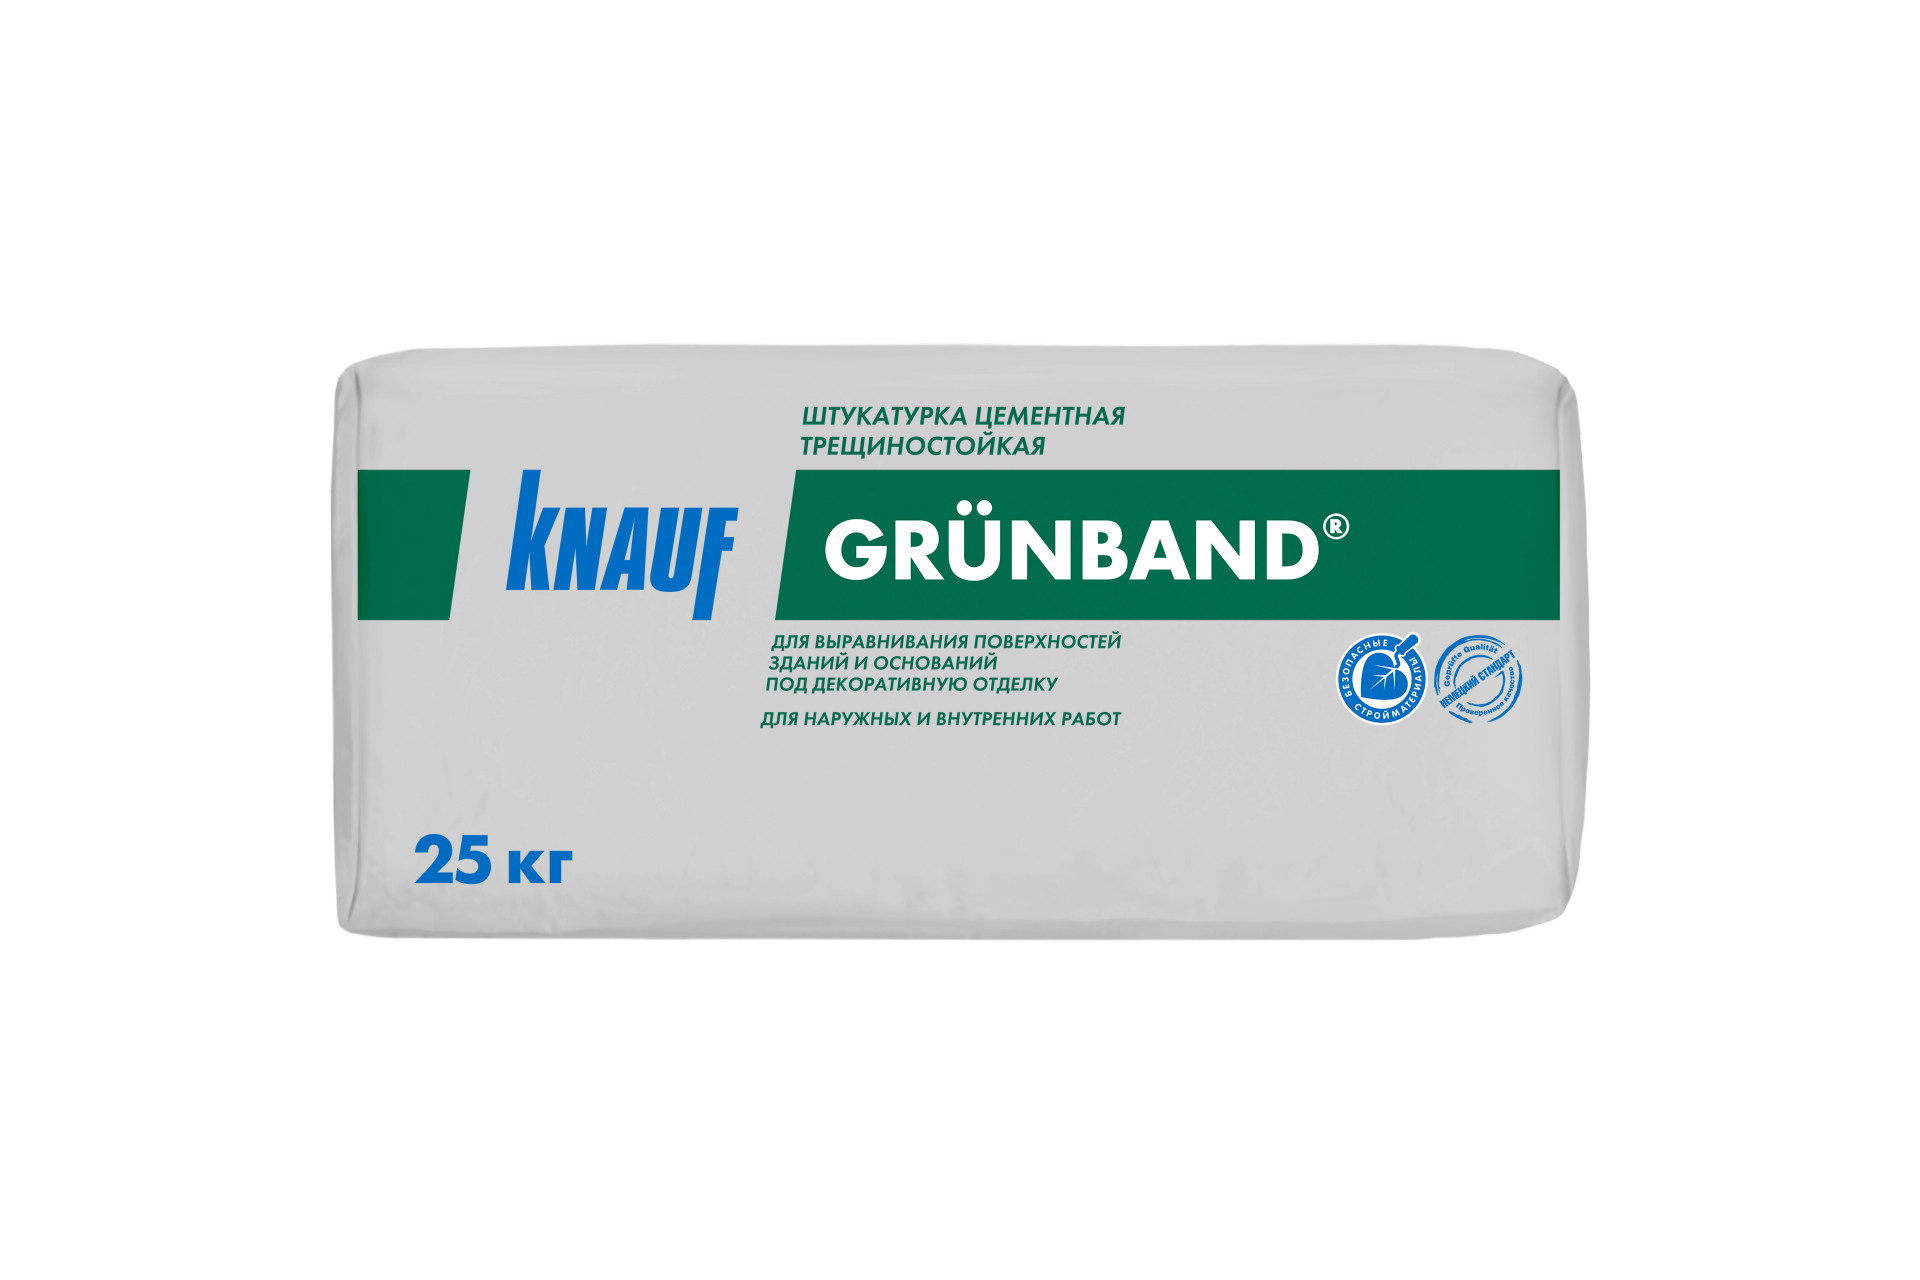 Фото штукатурки Knauf grunband